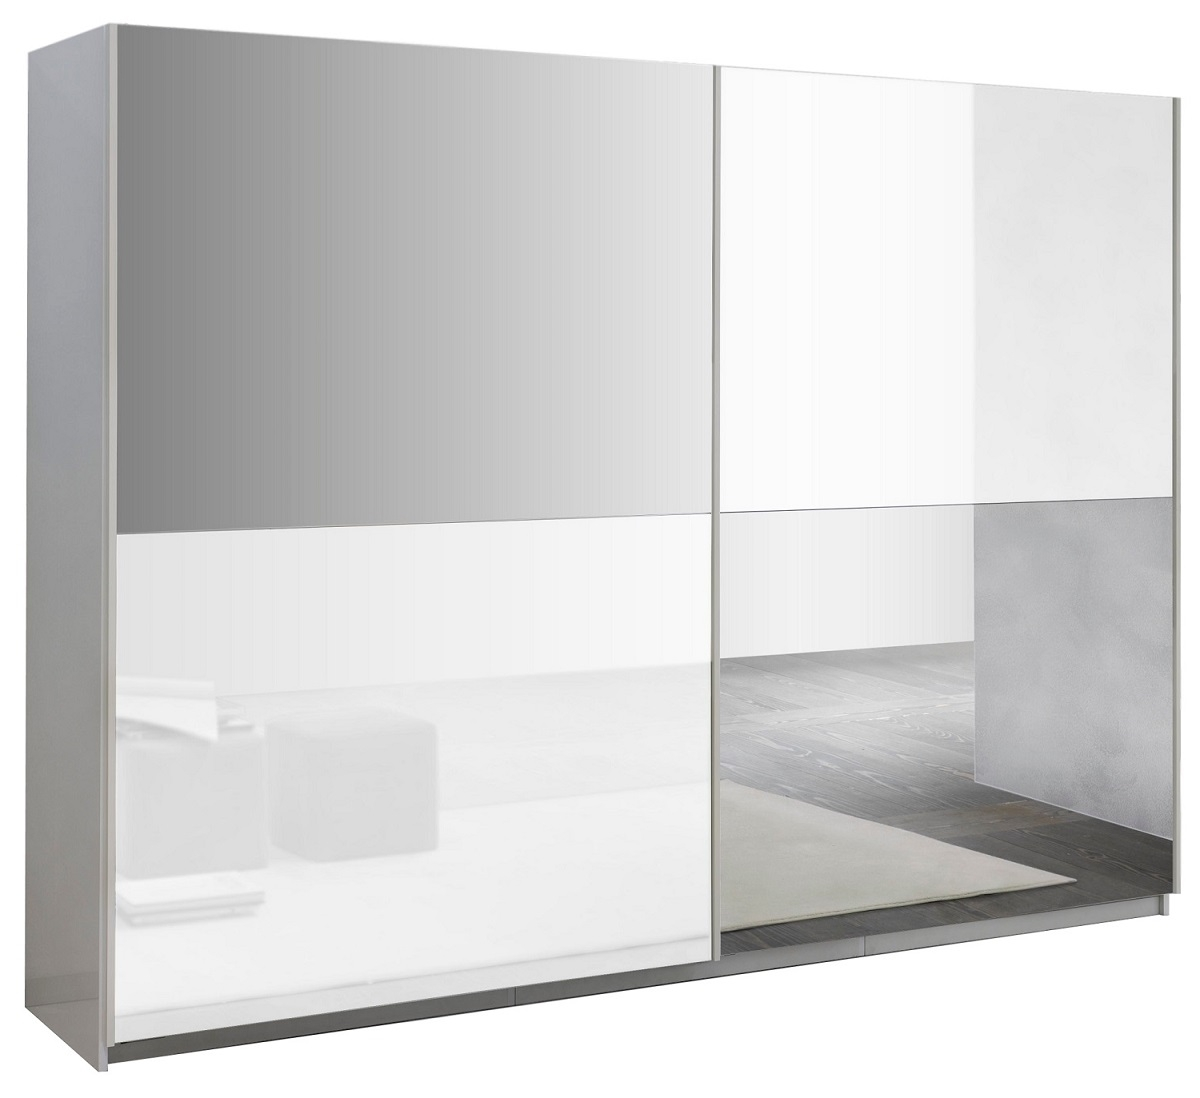 Slaapkamer kledingkast Kenzo 180 cm breed - Hoogglans wit met spiegel